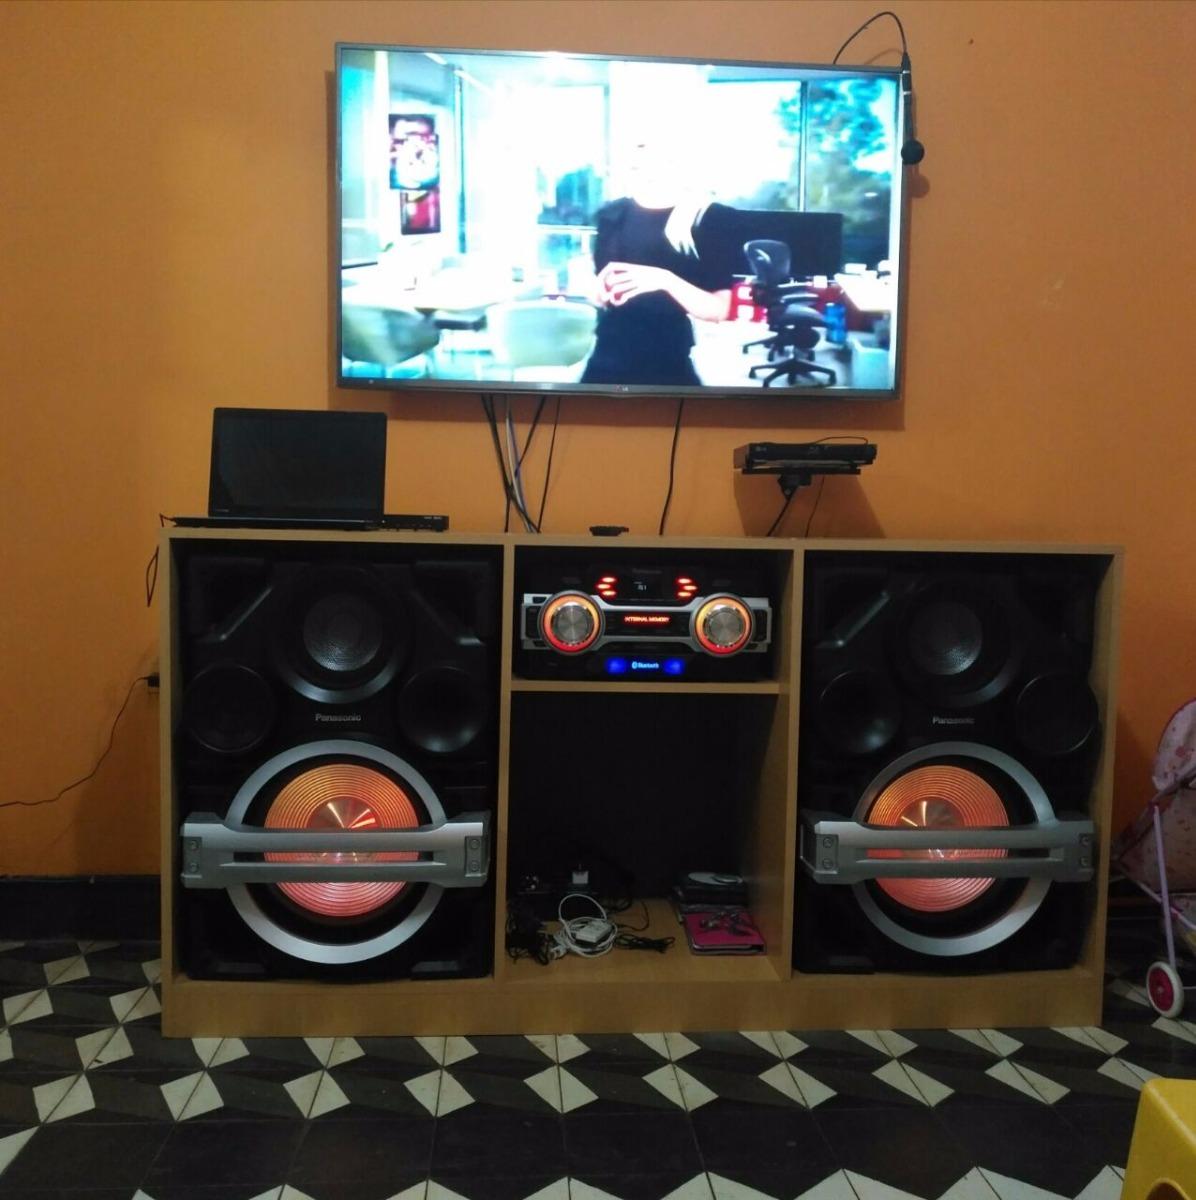 Mueble Para Equipos De Sonido Parlantes Grandes S 450 00 En  # Muebles Equipo De Sonido